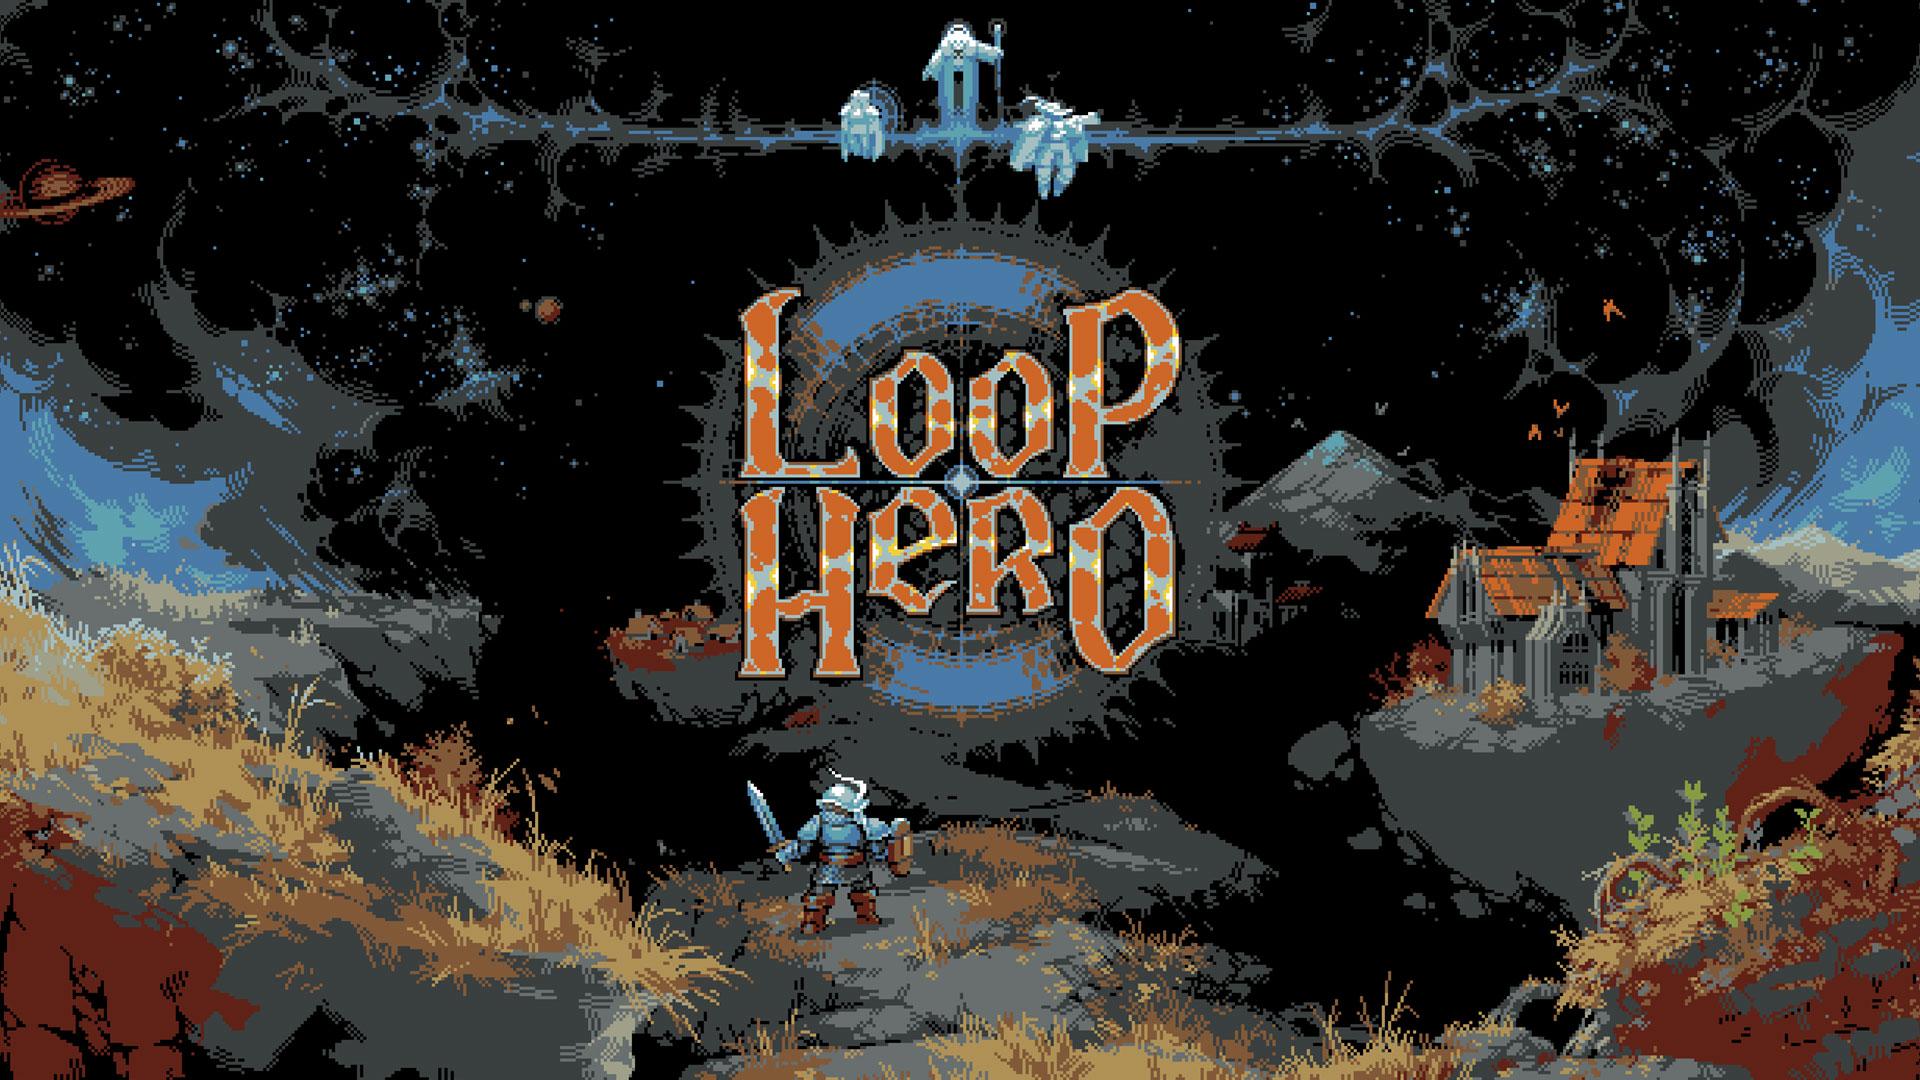 Mountain peak loop hero